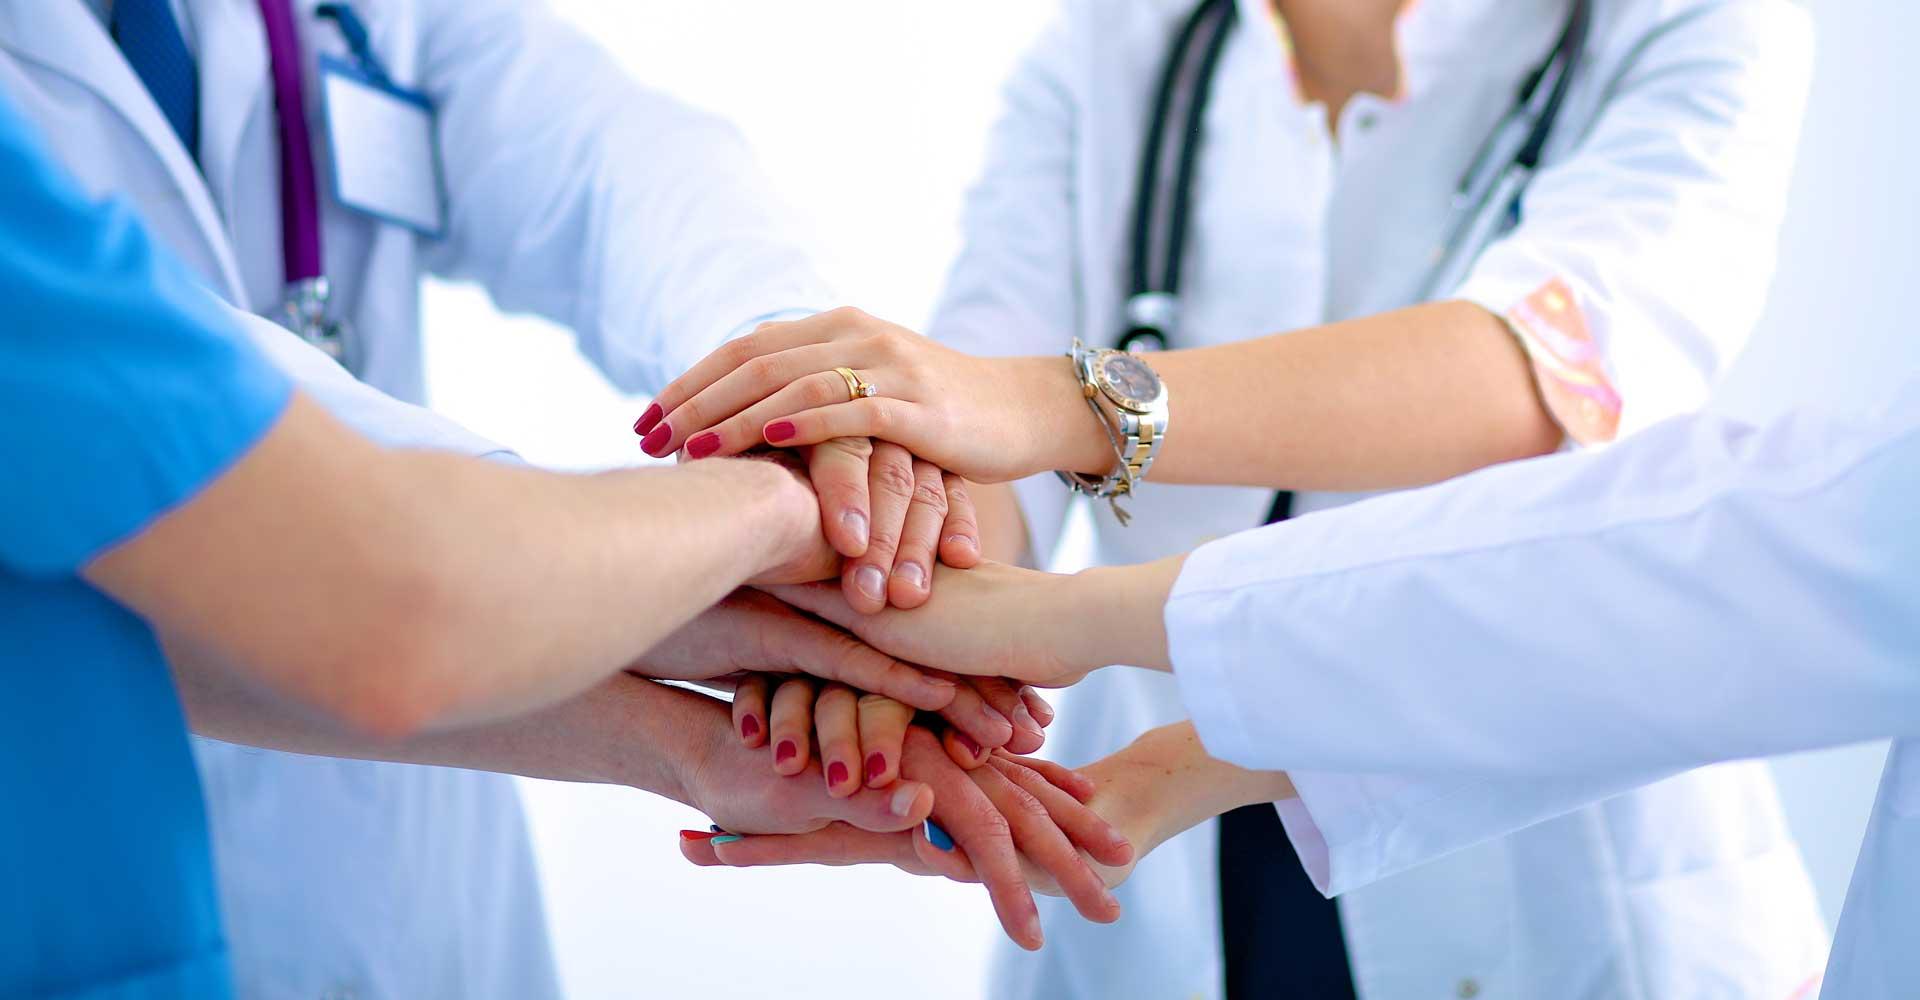 Patients: Children through elderly